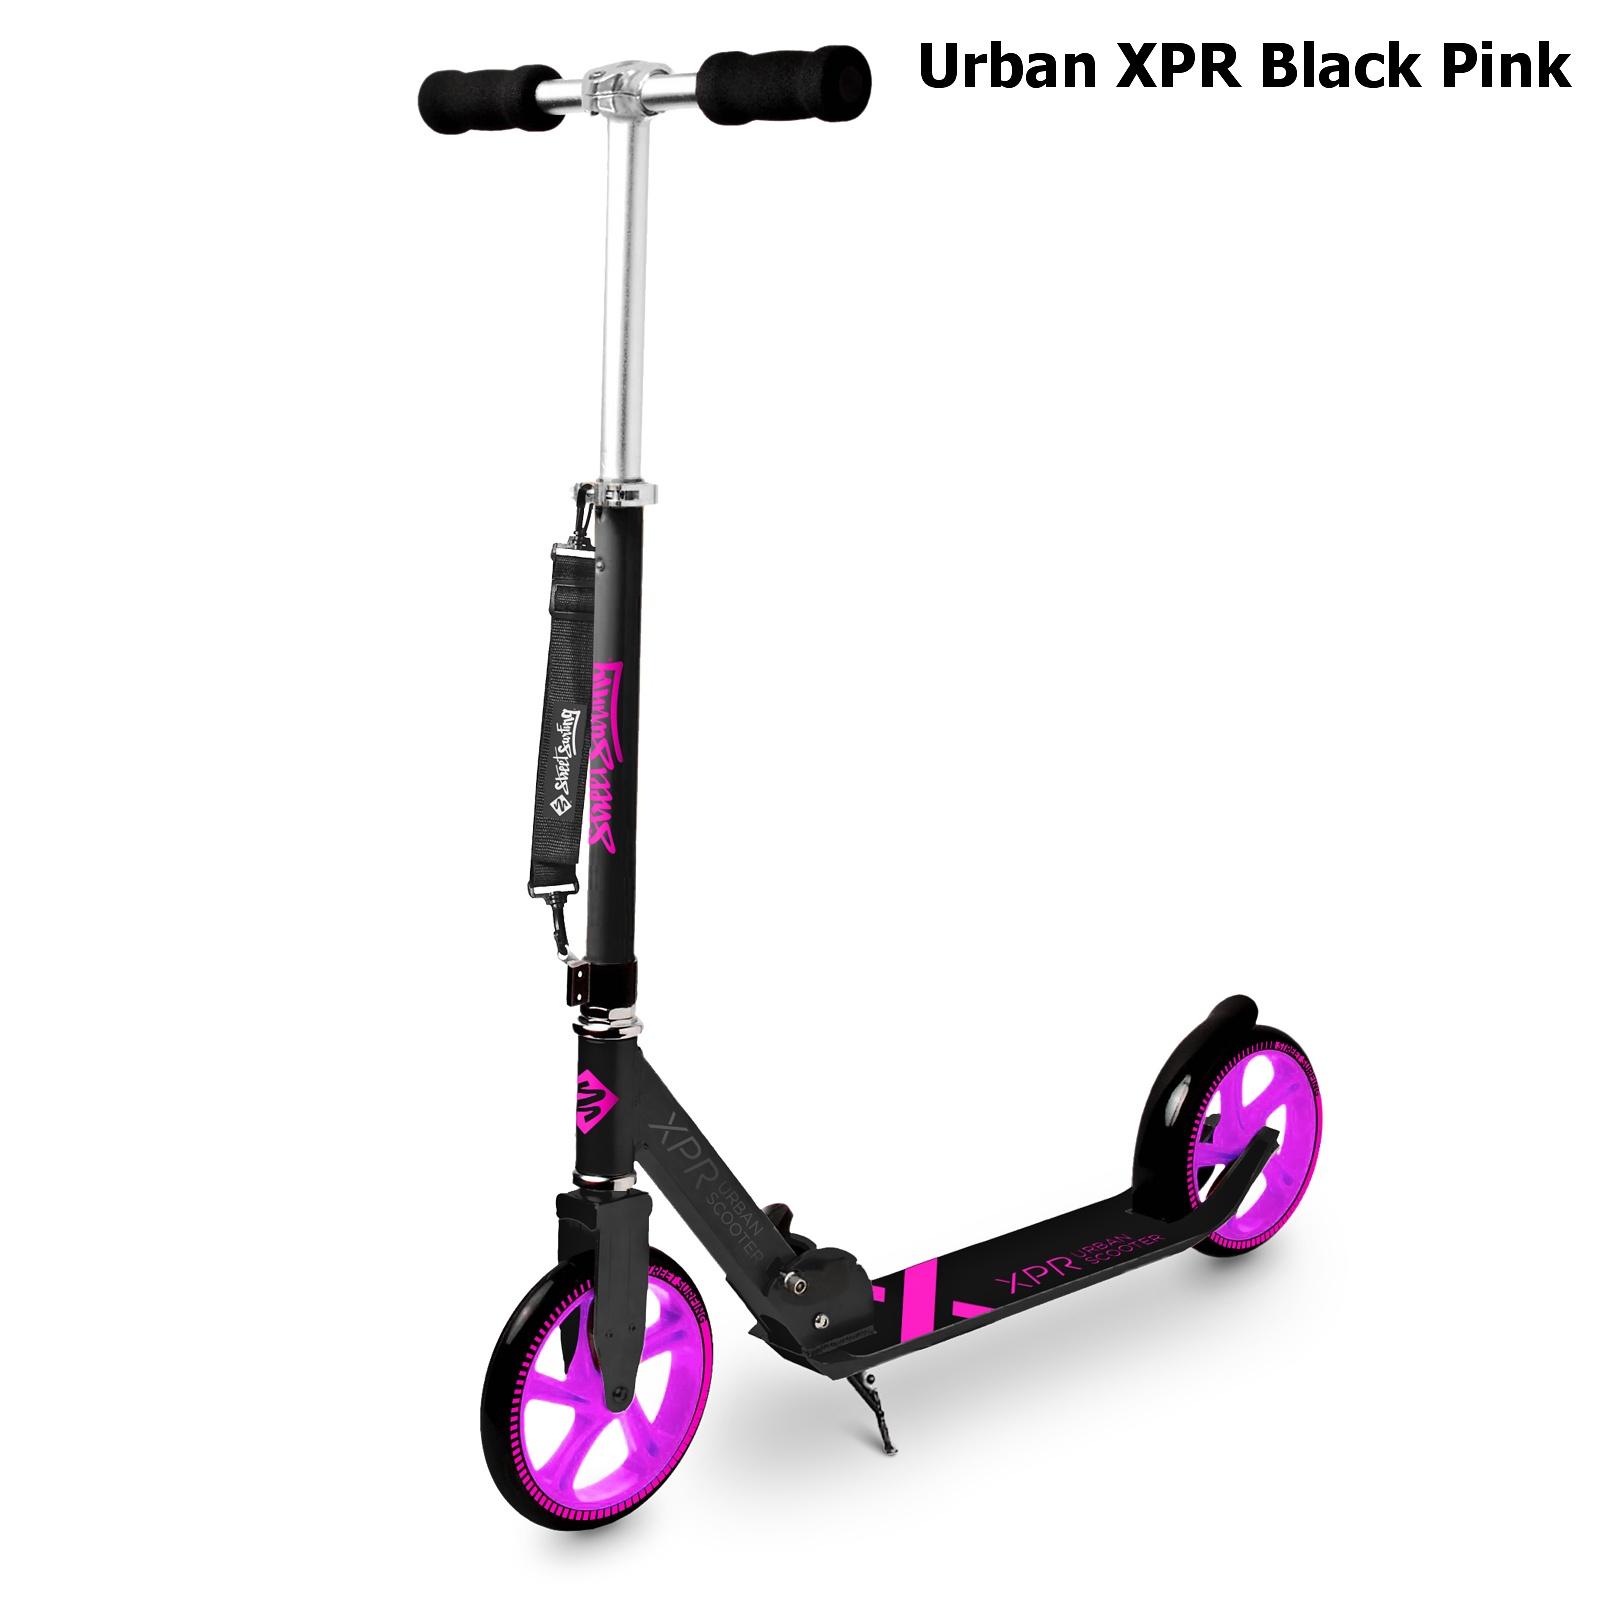 Koloběžka STREET SURFING Urban XPR - černo-růžová